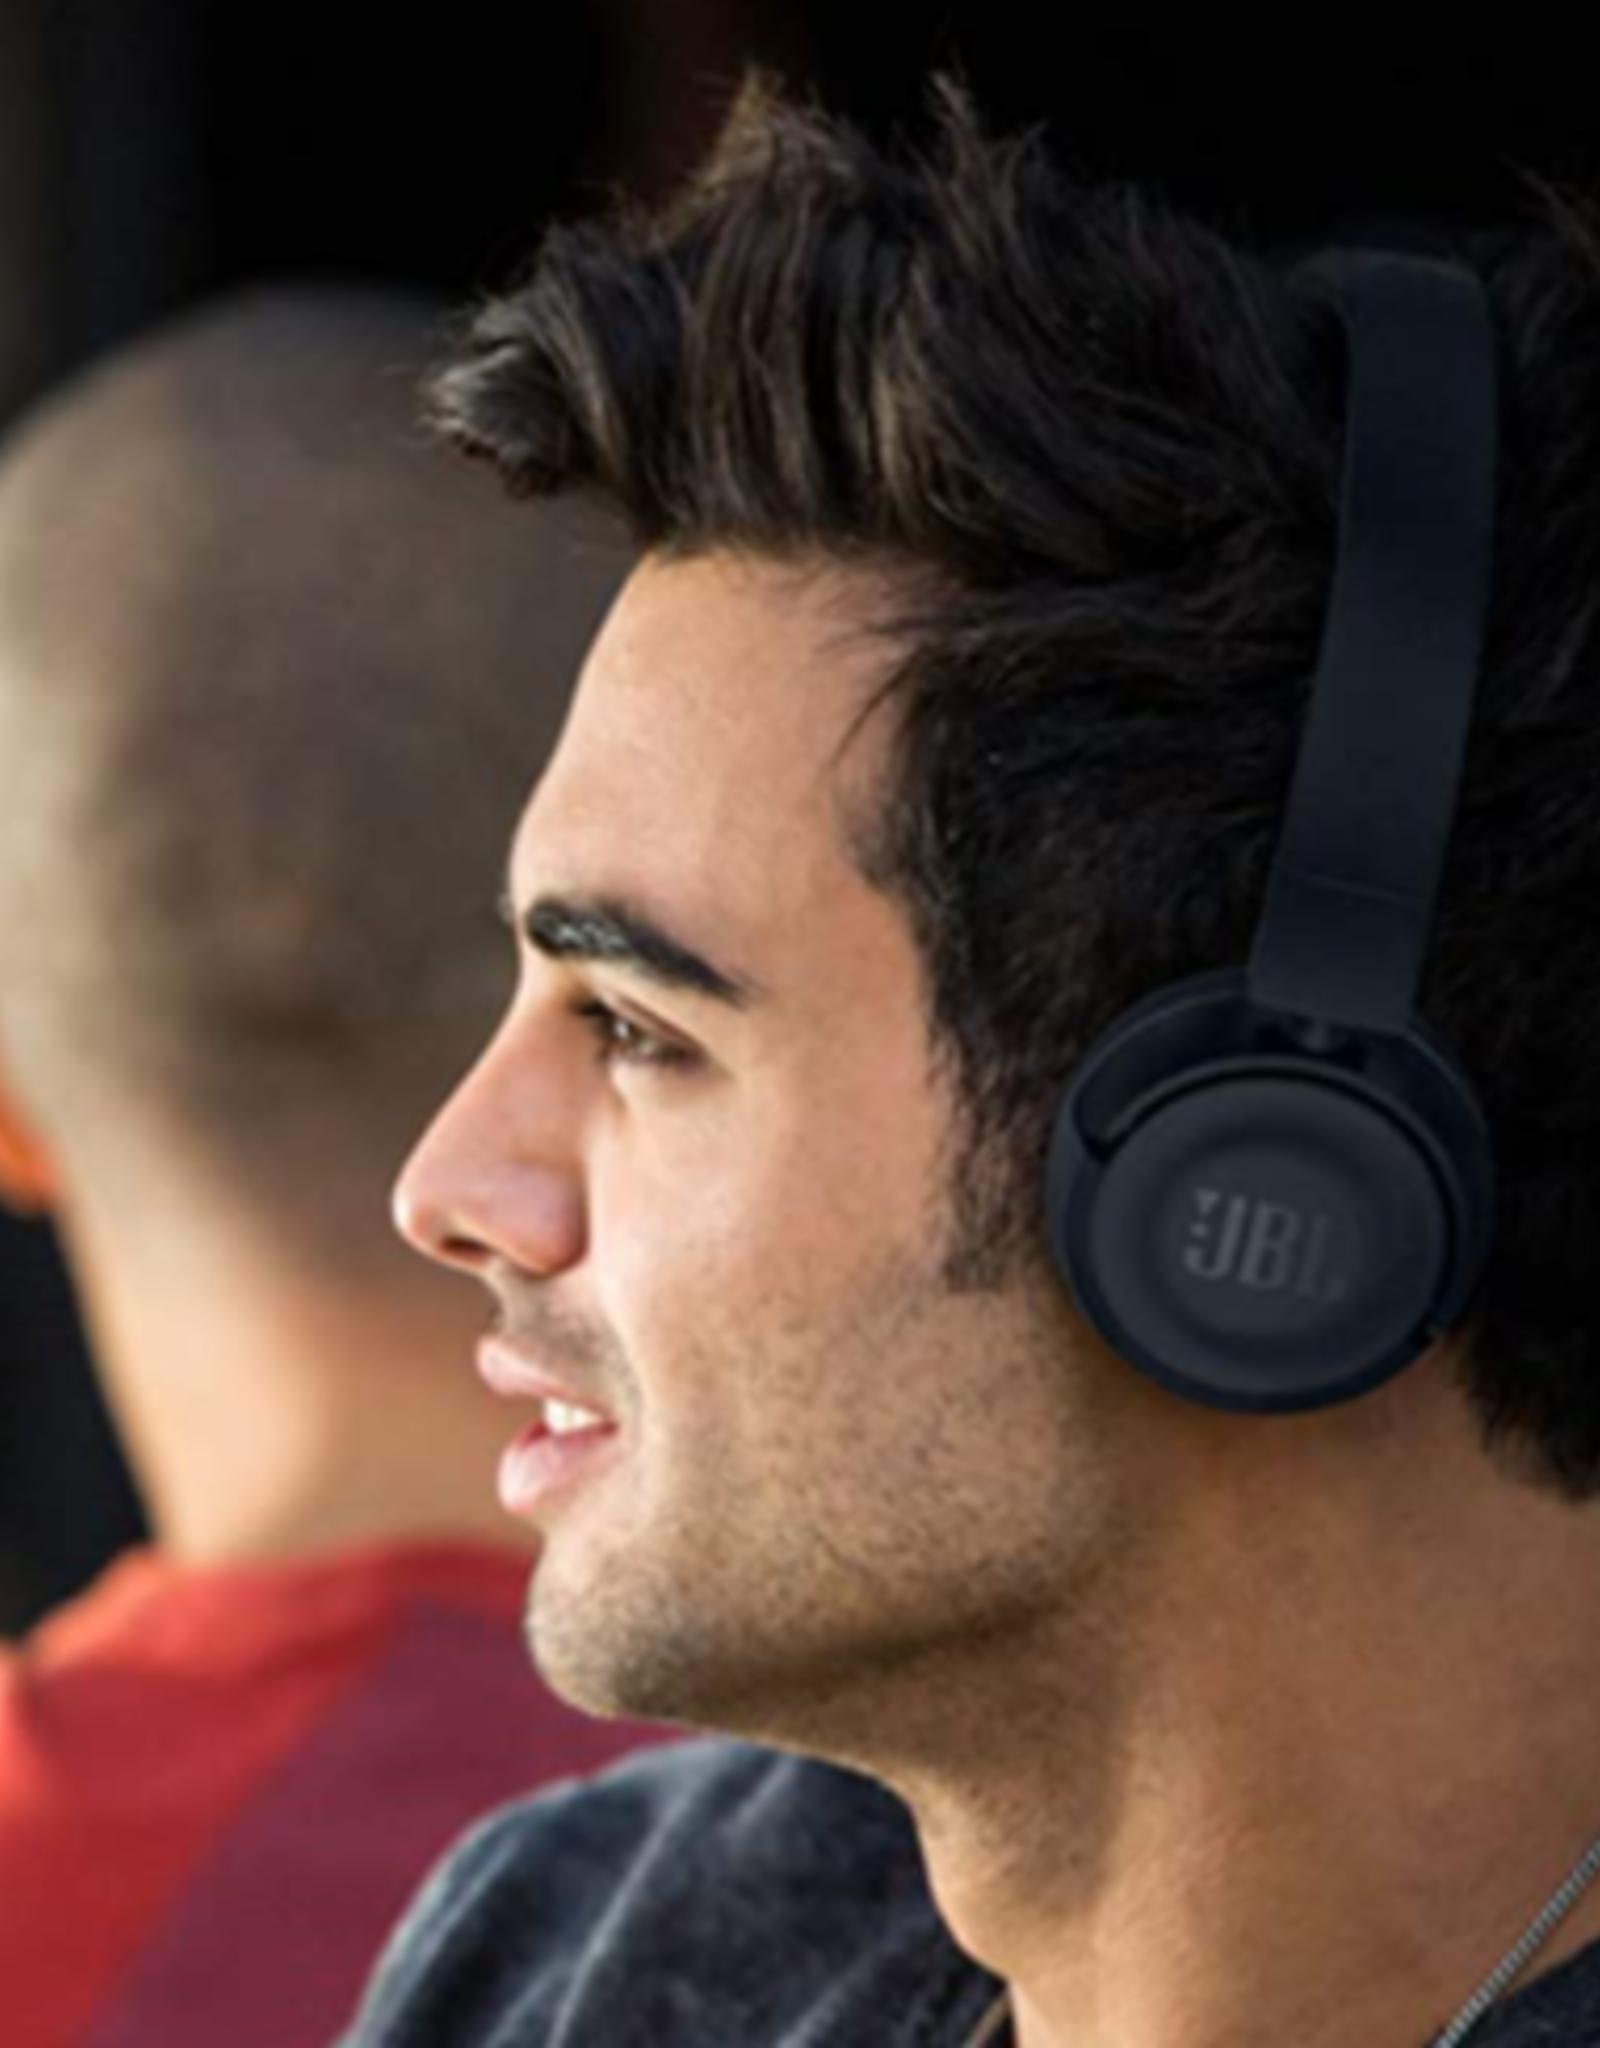 JBL JBL PureBass Bluetooth Headphones